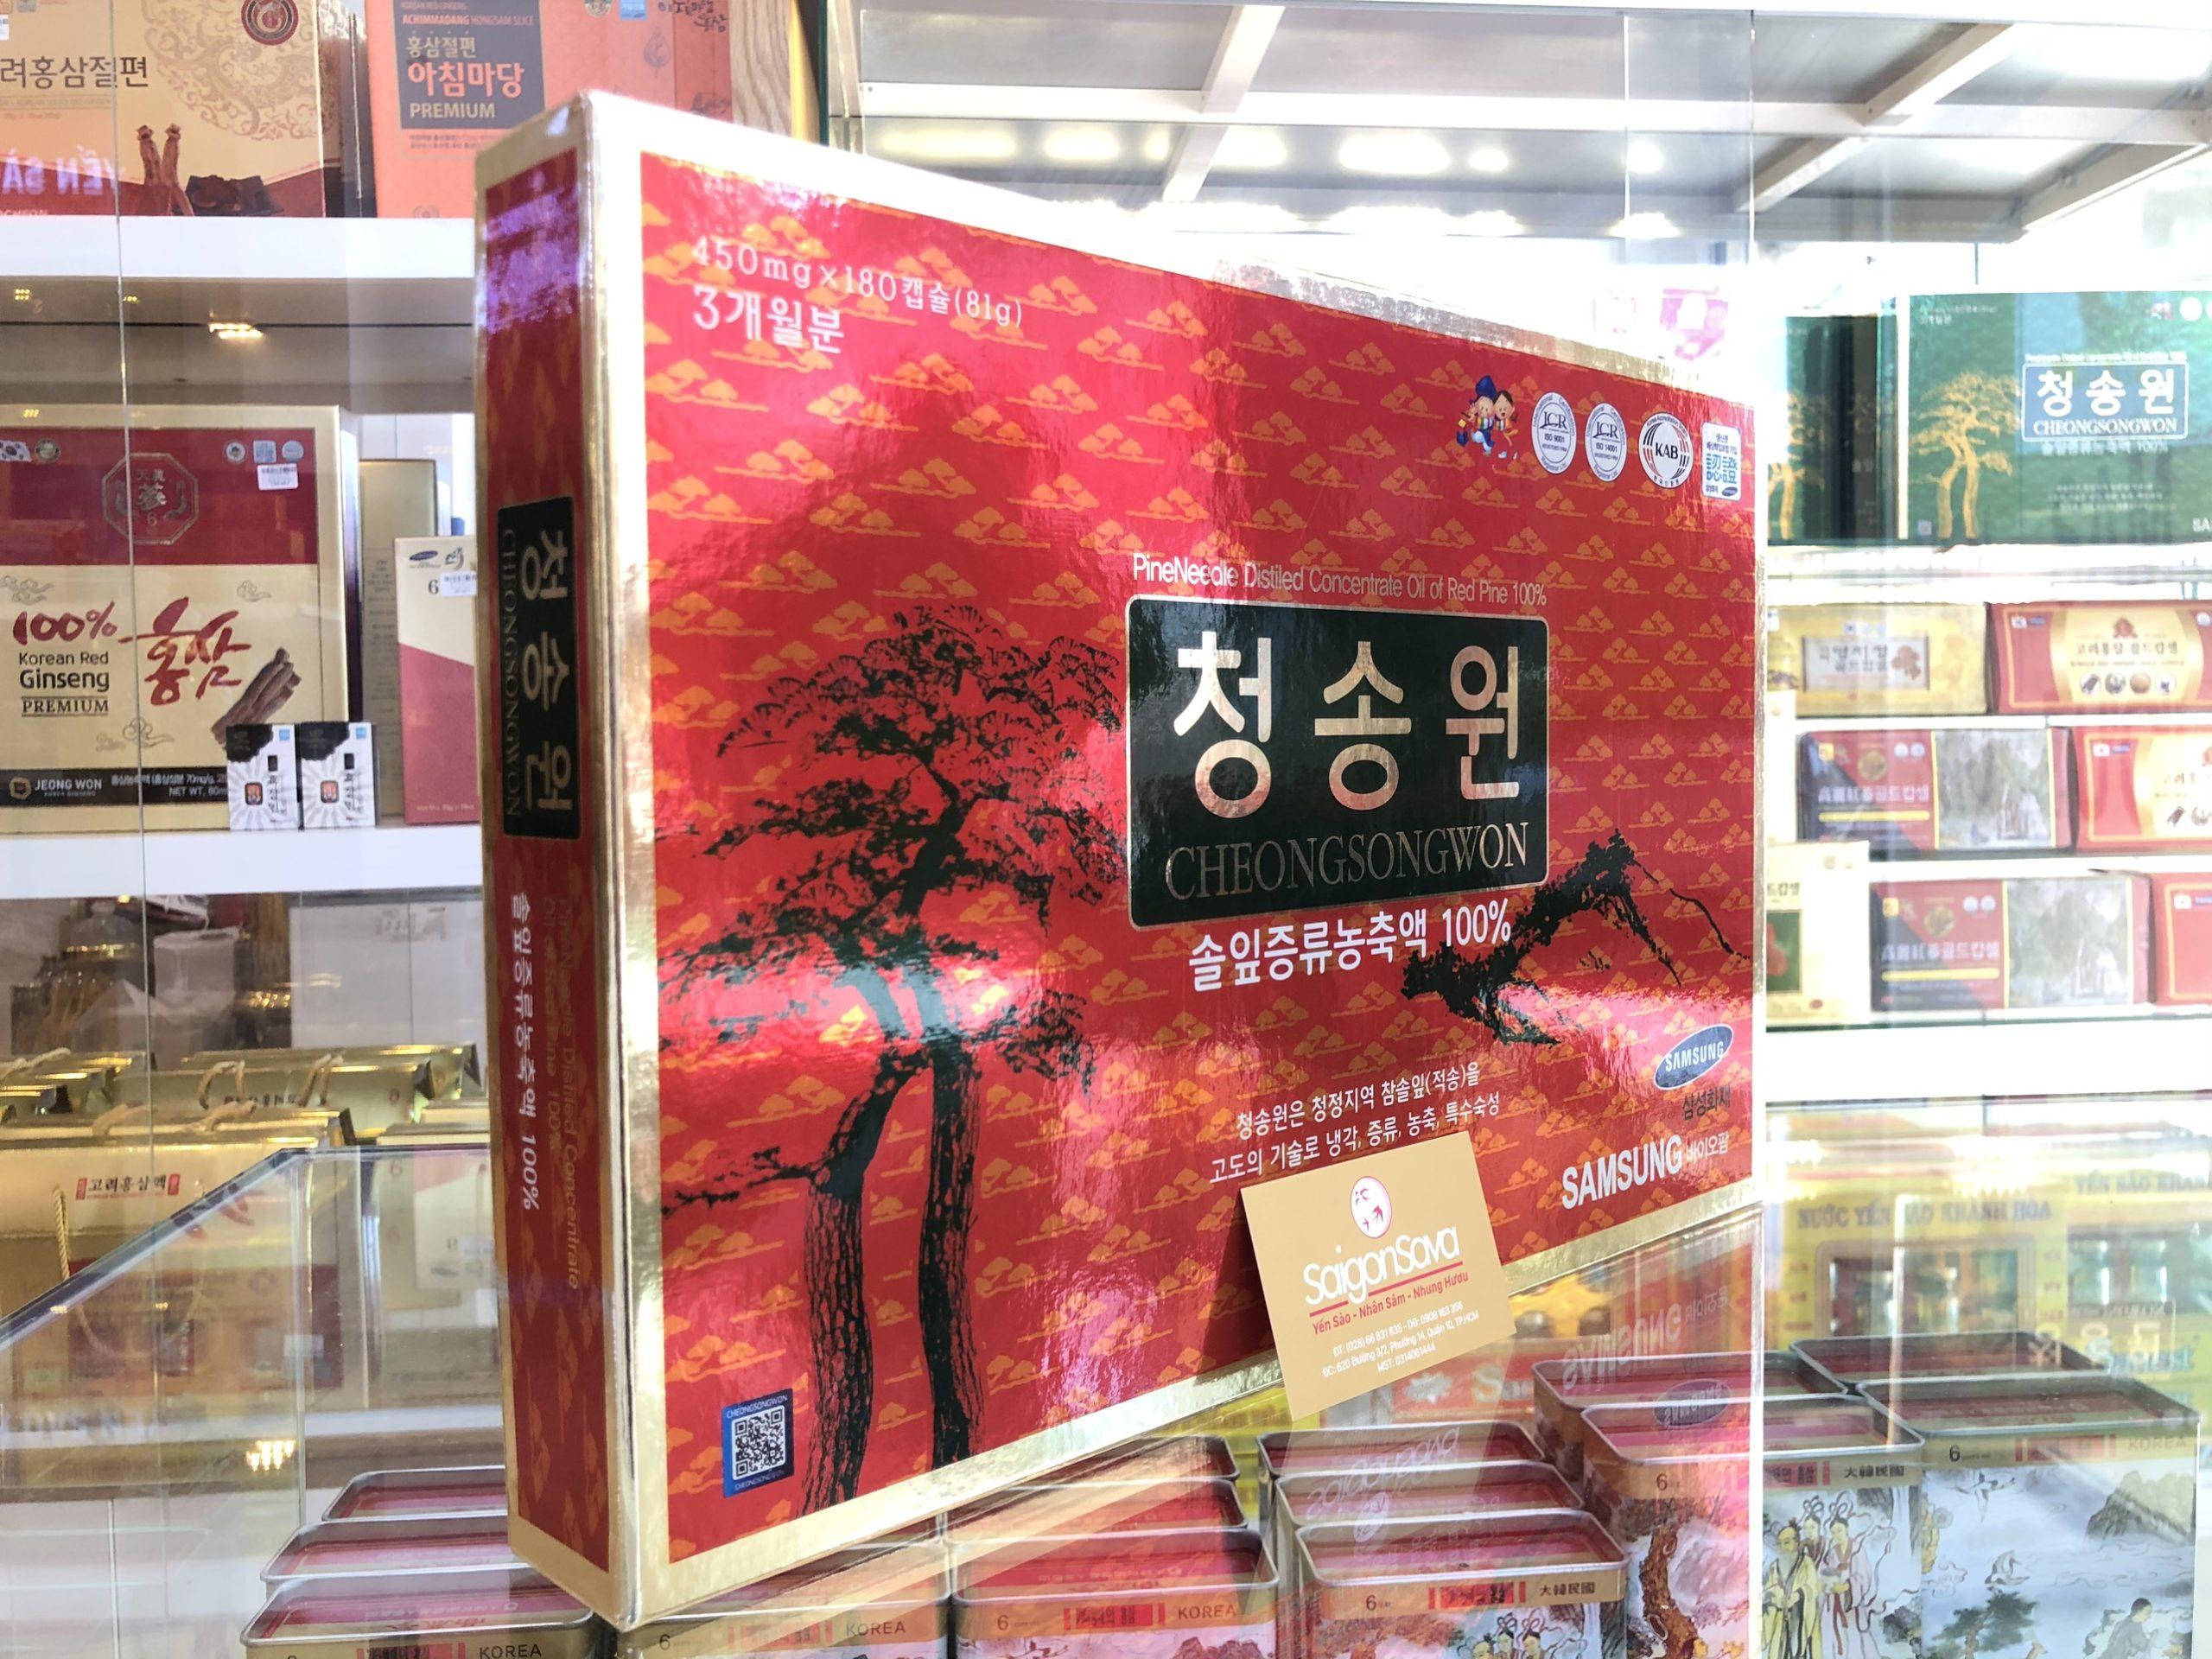 tinh dầu thông đỏ cao cấp hàn quốc cheongsongwon 180 viên hộp đỏ